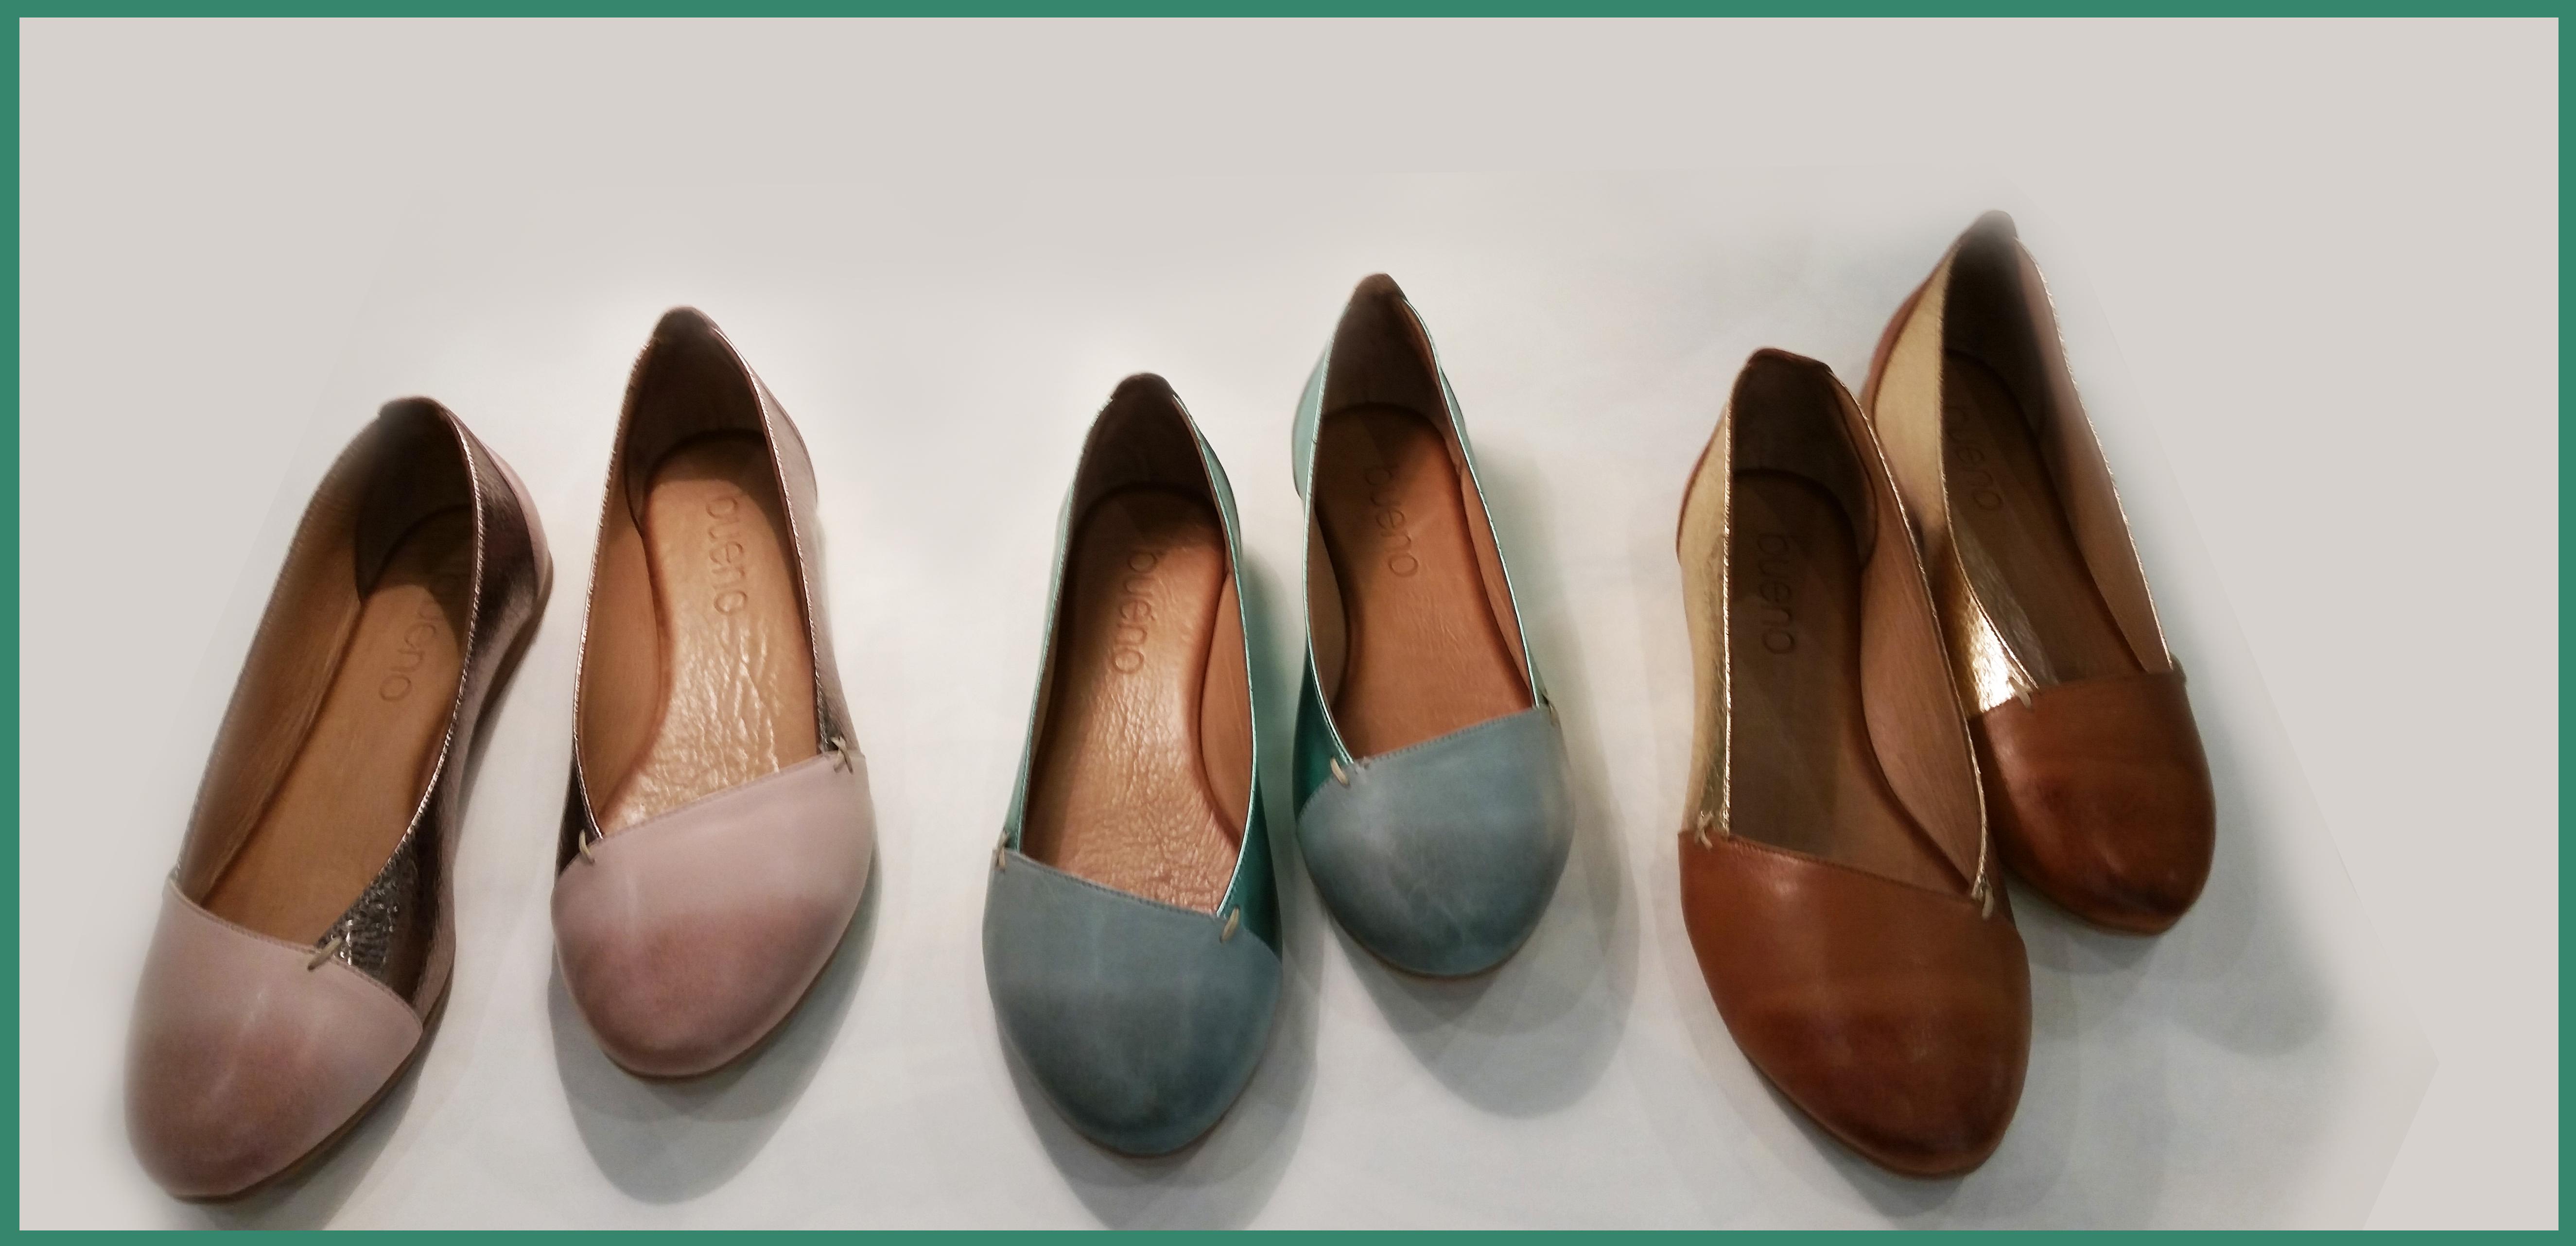 competitive price 0af2d 212dd Le scarpe di Carpe Diem – carpe diem